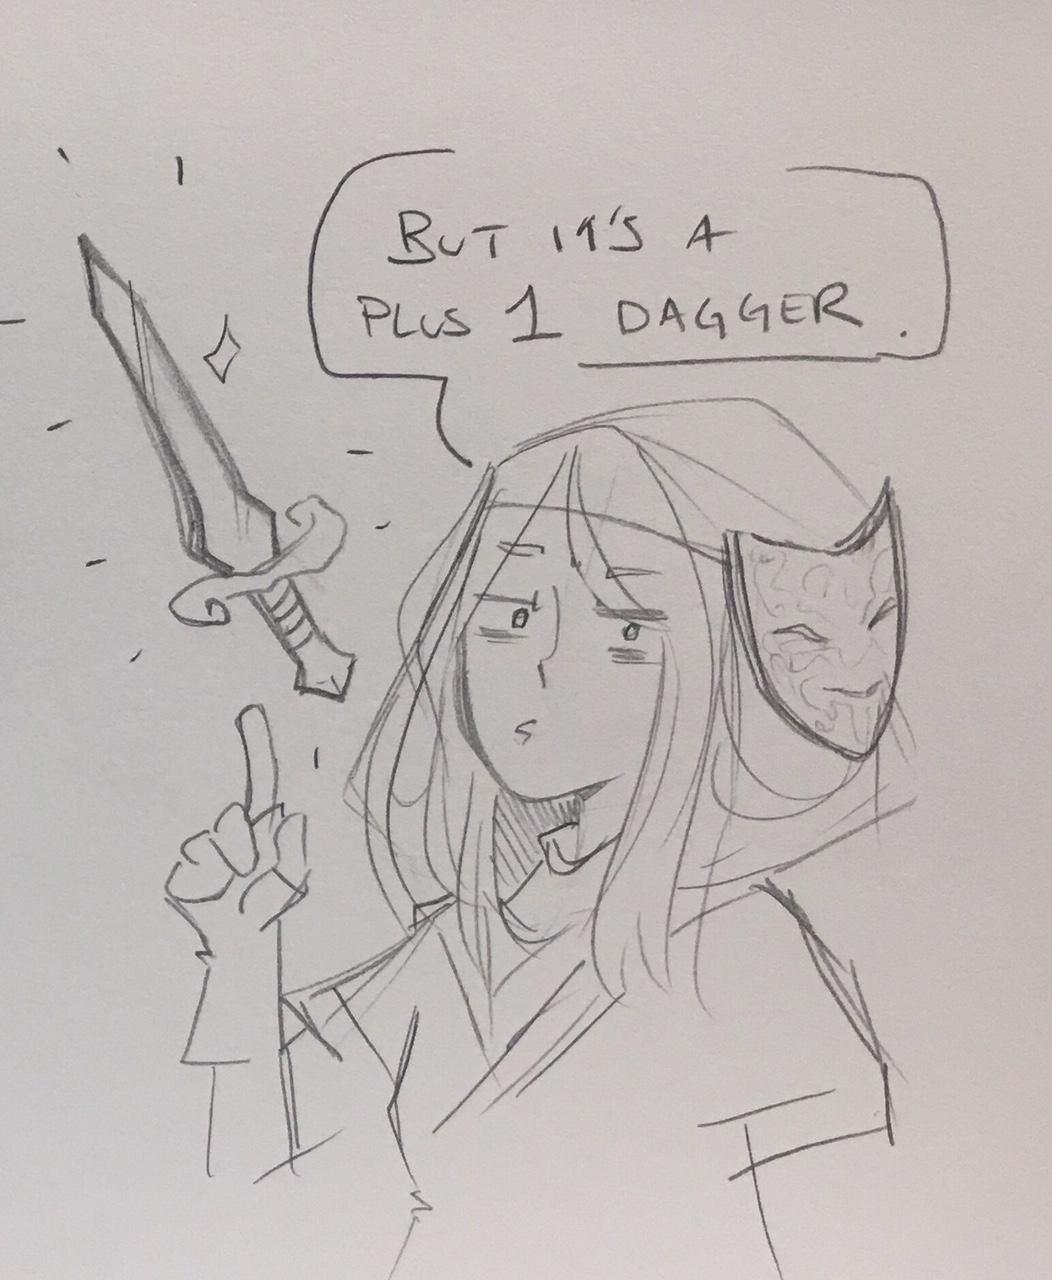 …But it's a plus 1 dagger   Art by the amazing  @ NatRoze  .  https://natroze.portfoliobox.net/